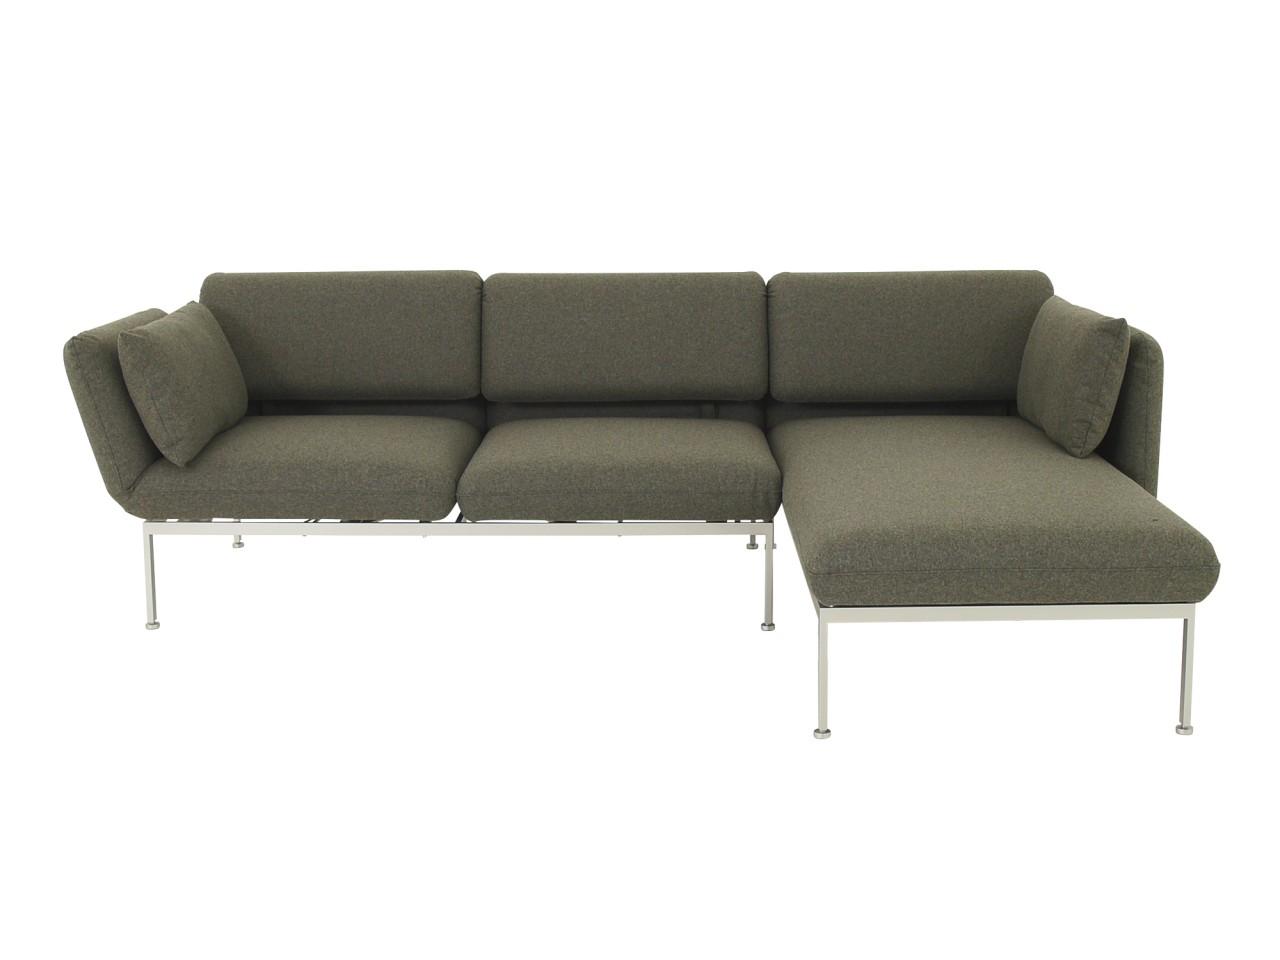 Brühl RORO MEDIUM Sofa mit Recamiere im hochwertigen graubraunen Wollfilzstoff 4476